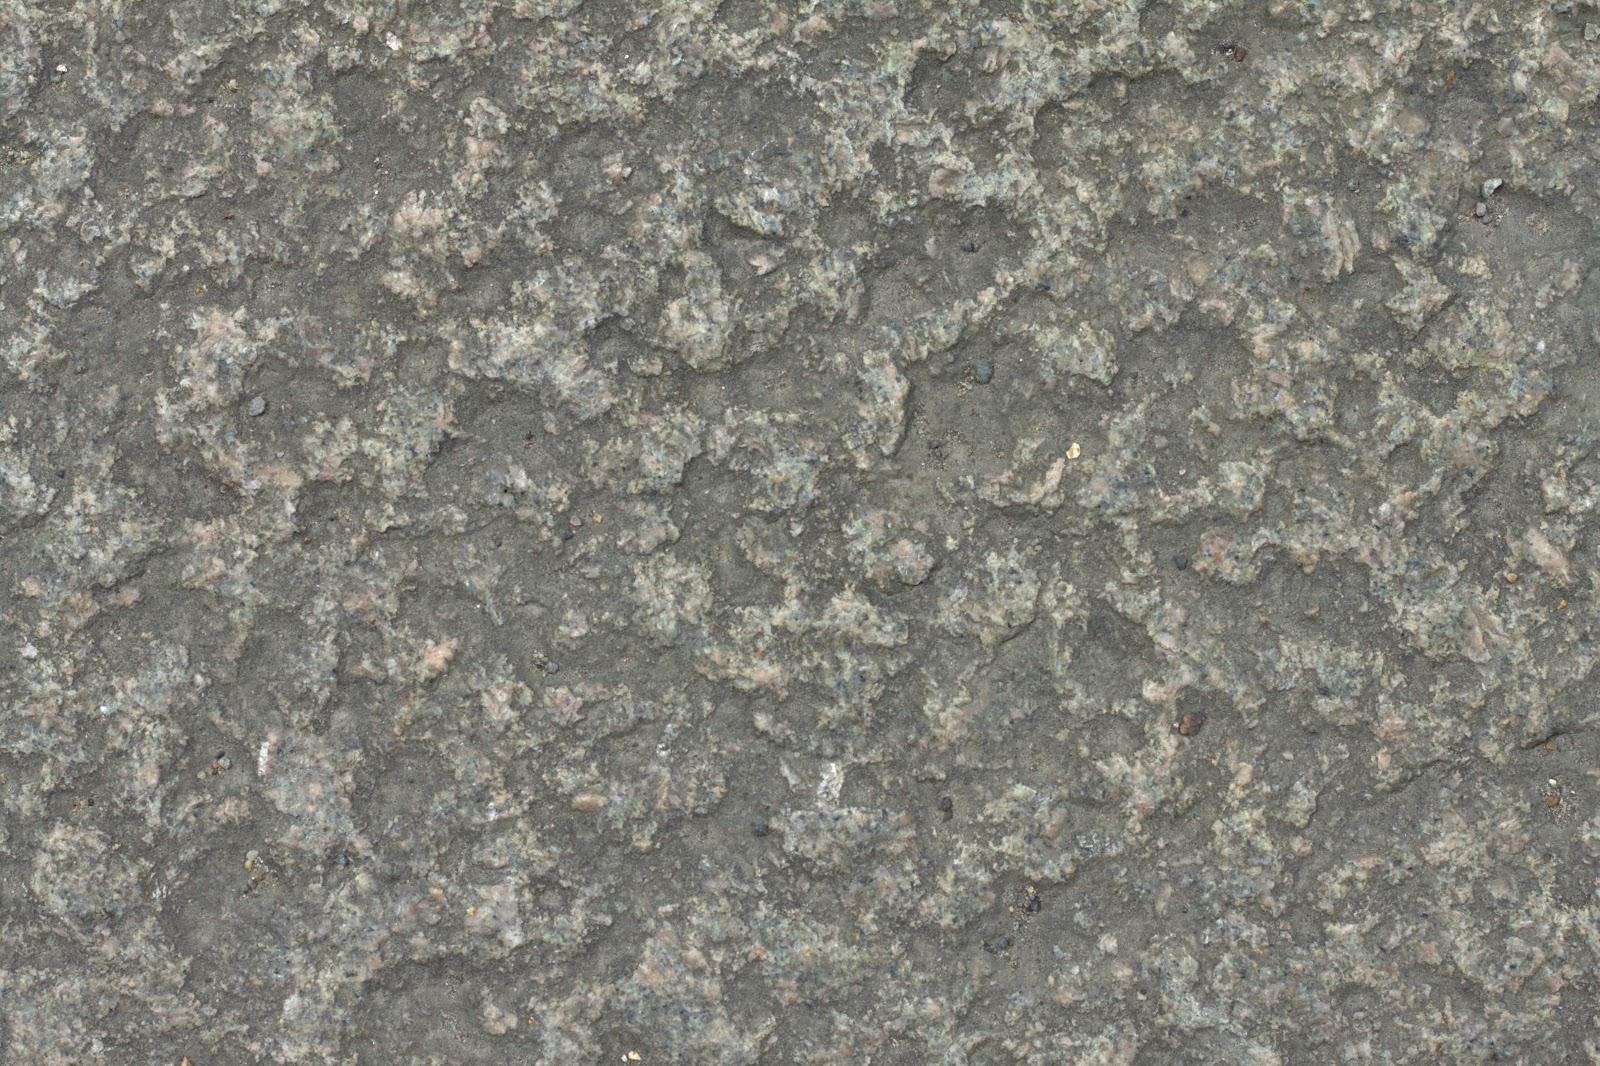 Light Brown Granite Texture